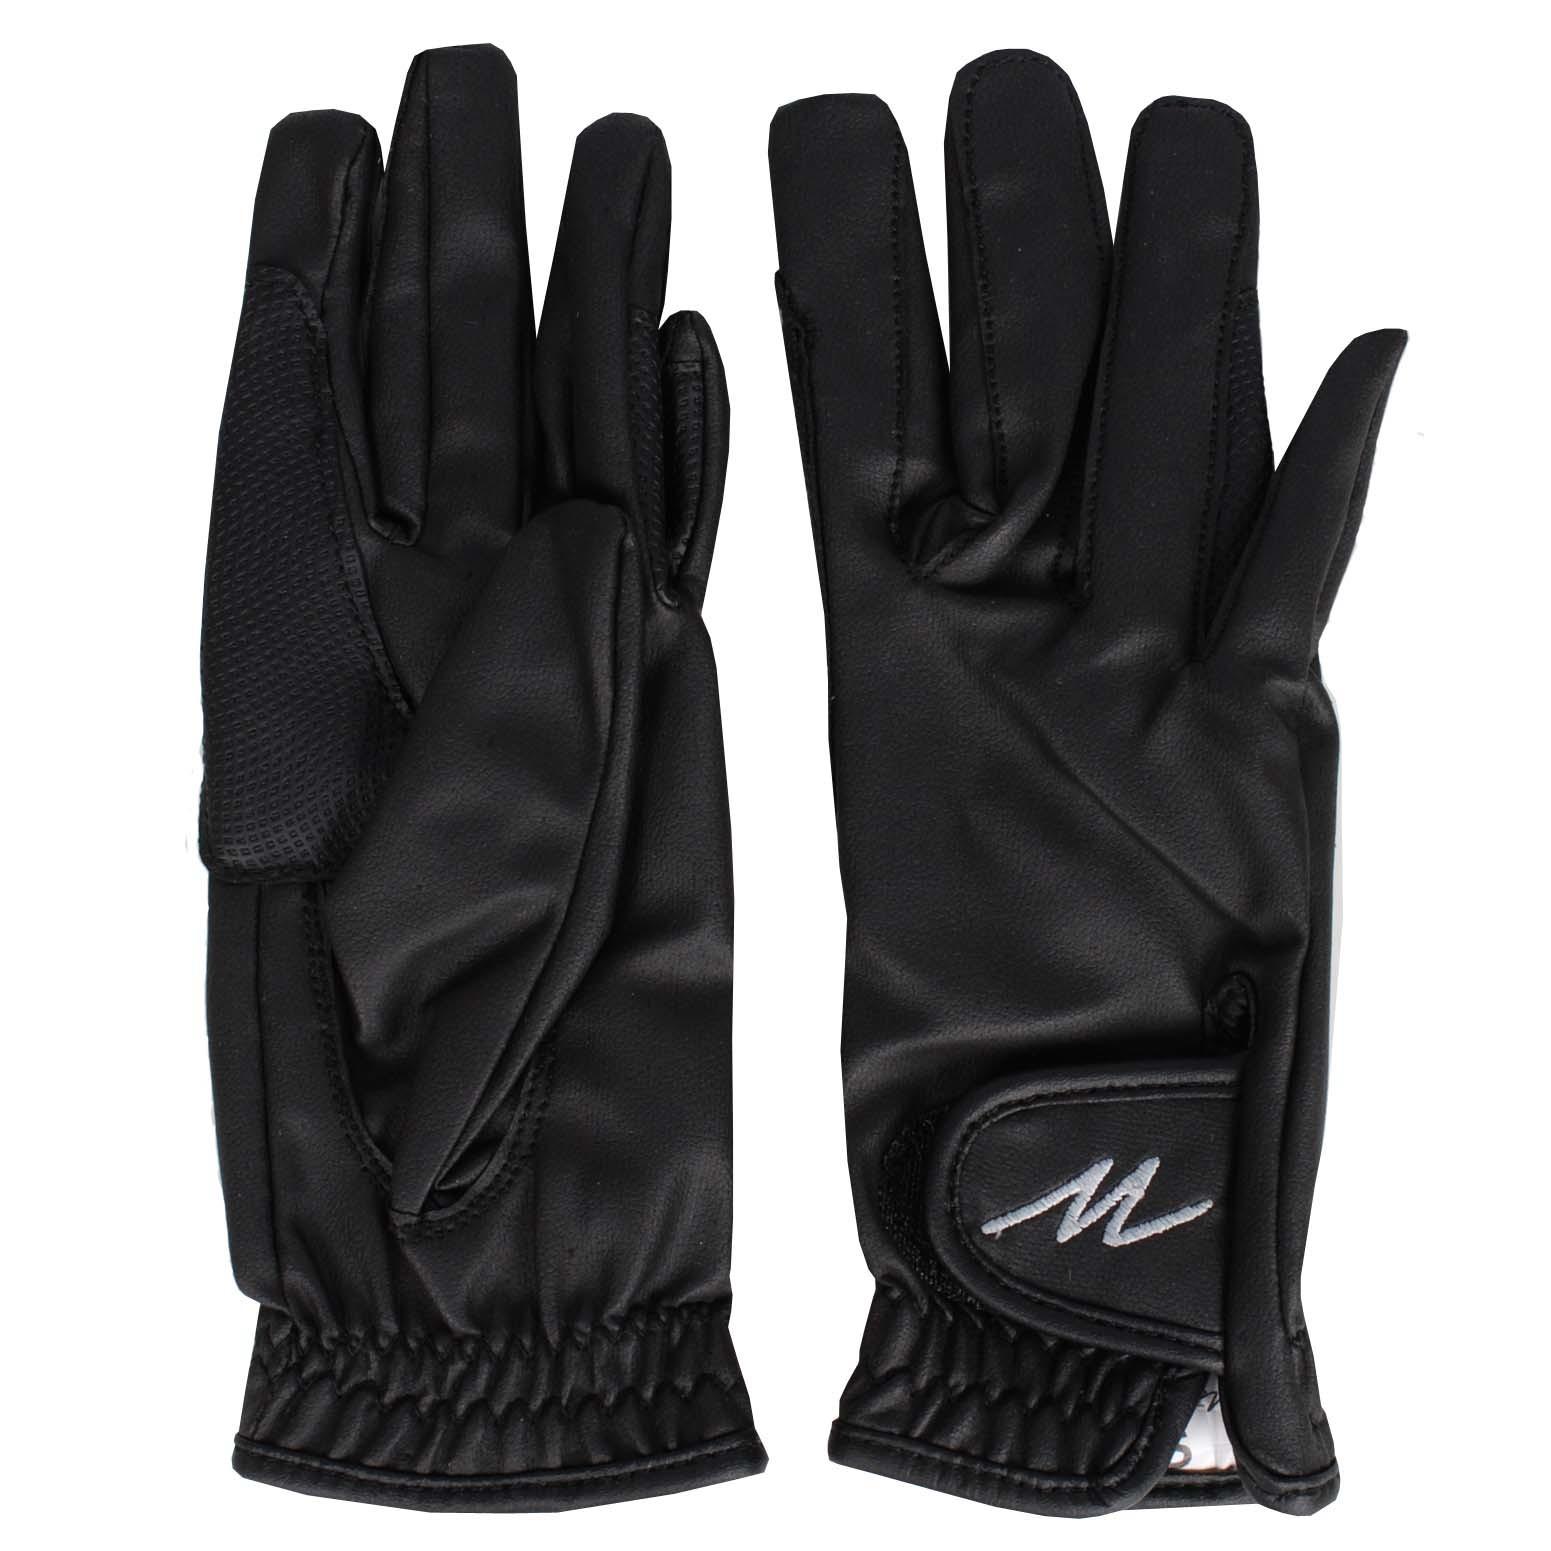 Mondoni Salvador handschoenen zwart maat:m